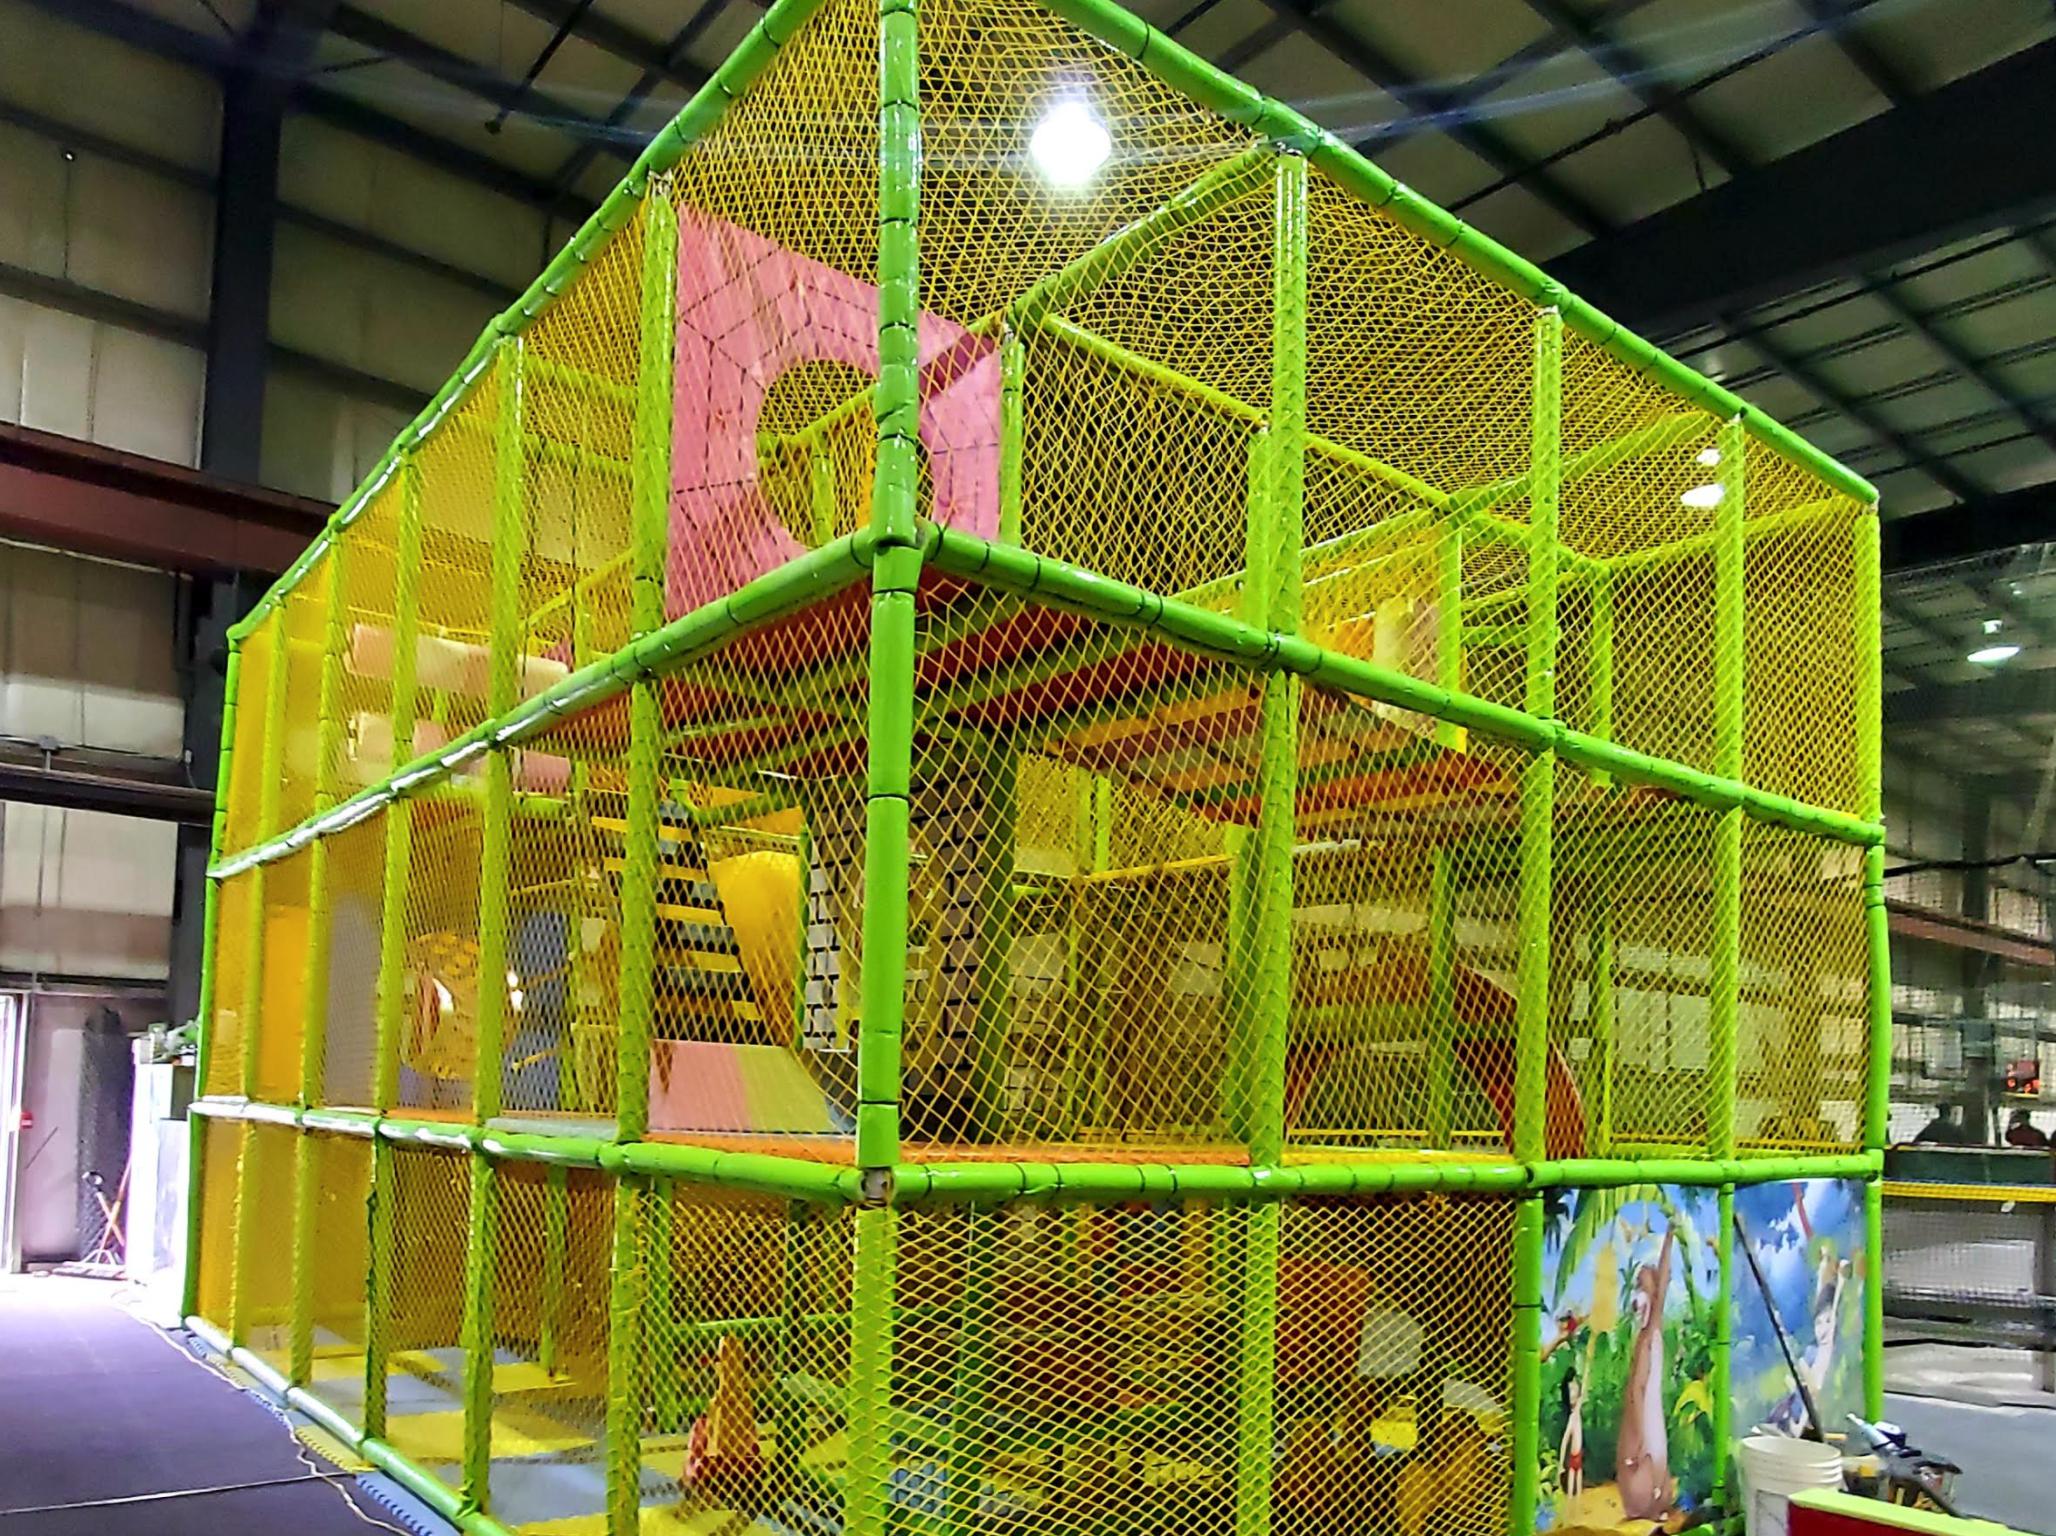 a jungle gym